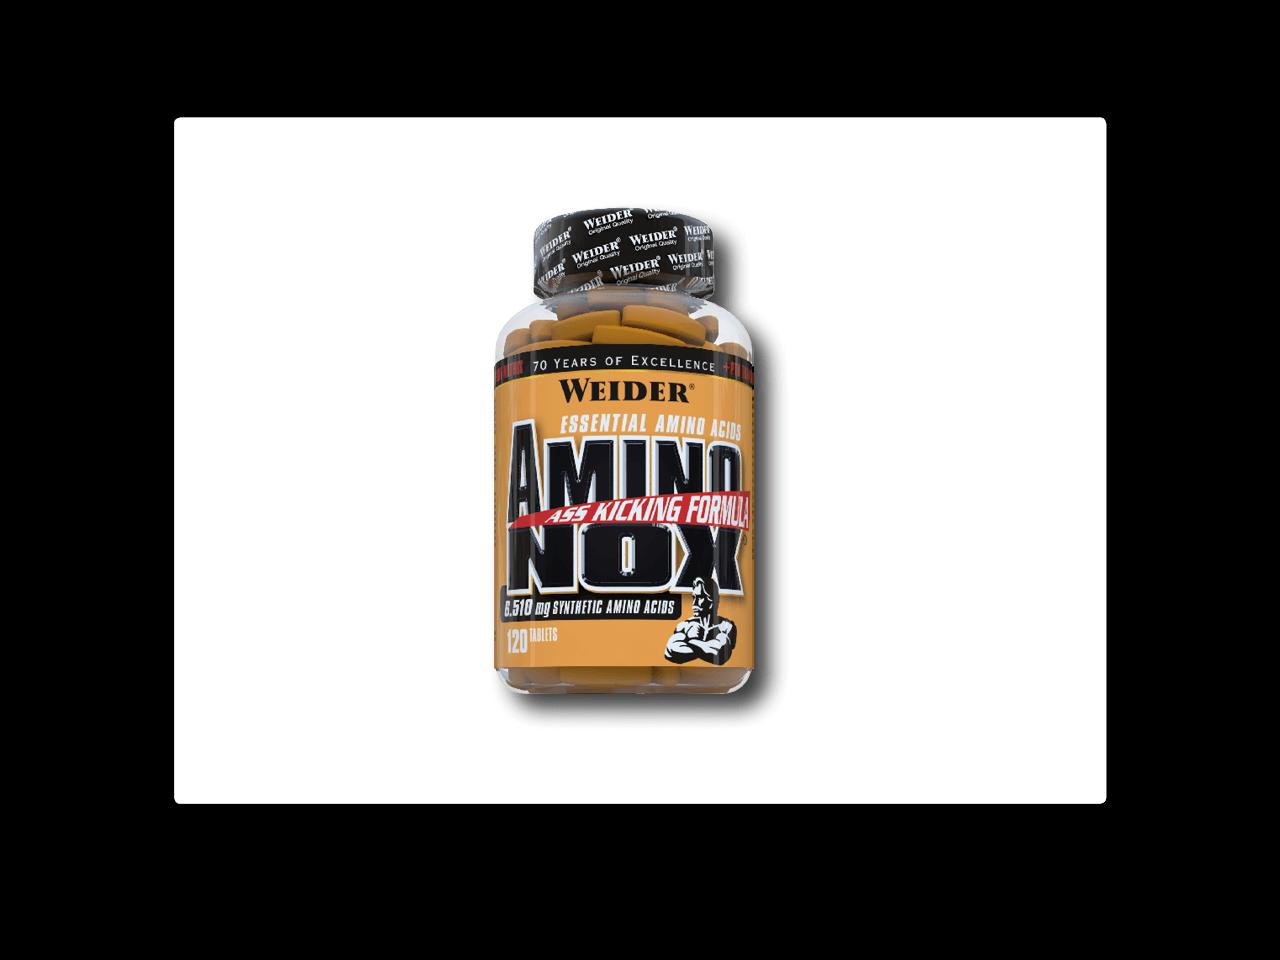 produktbilde-weider-aminonox